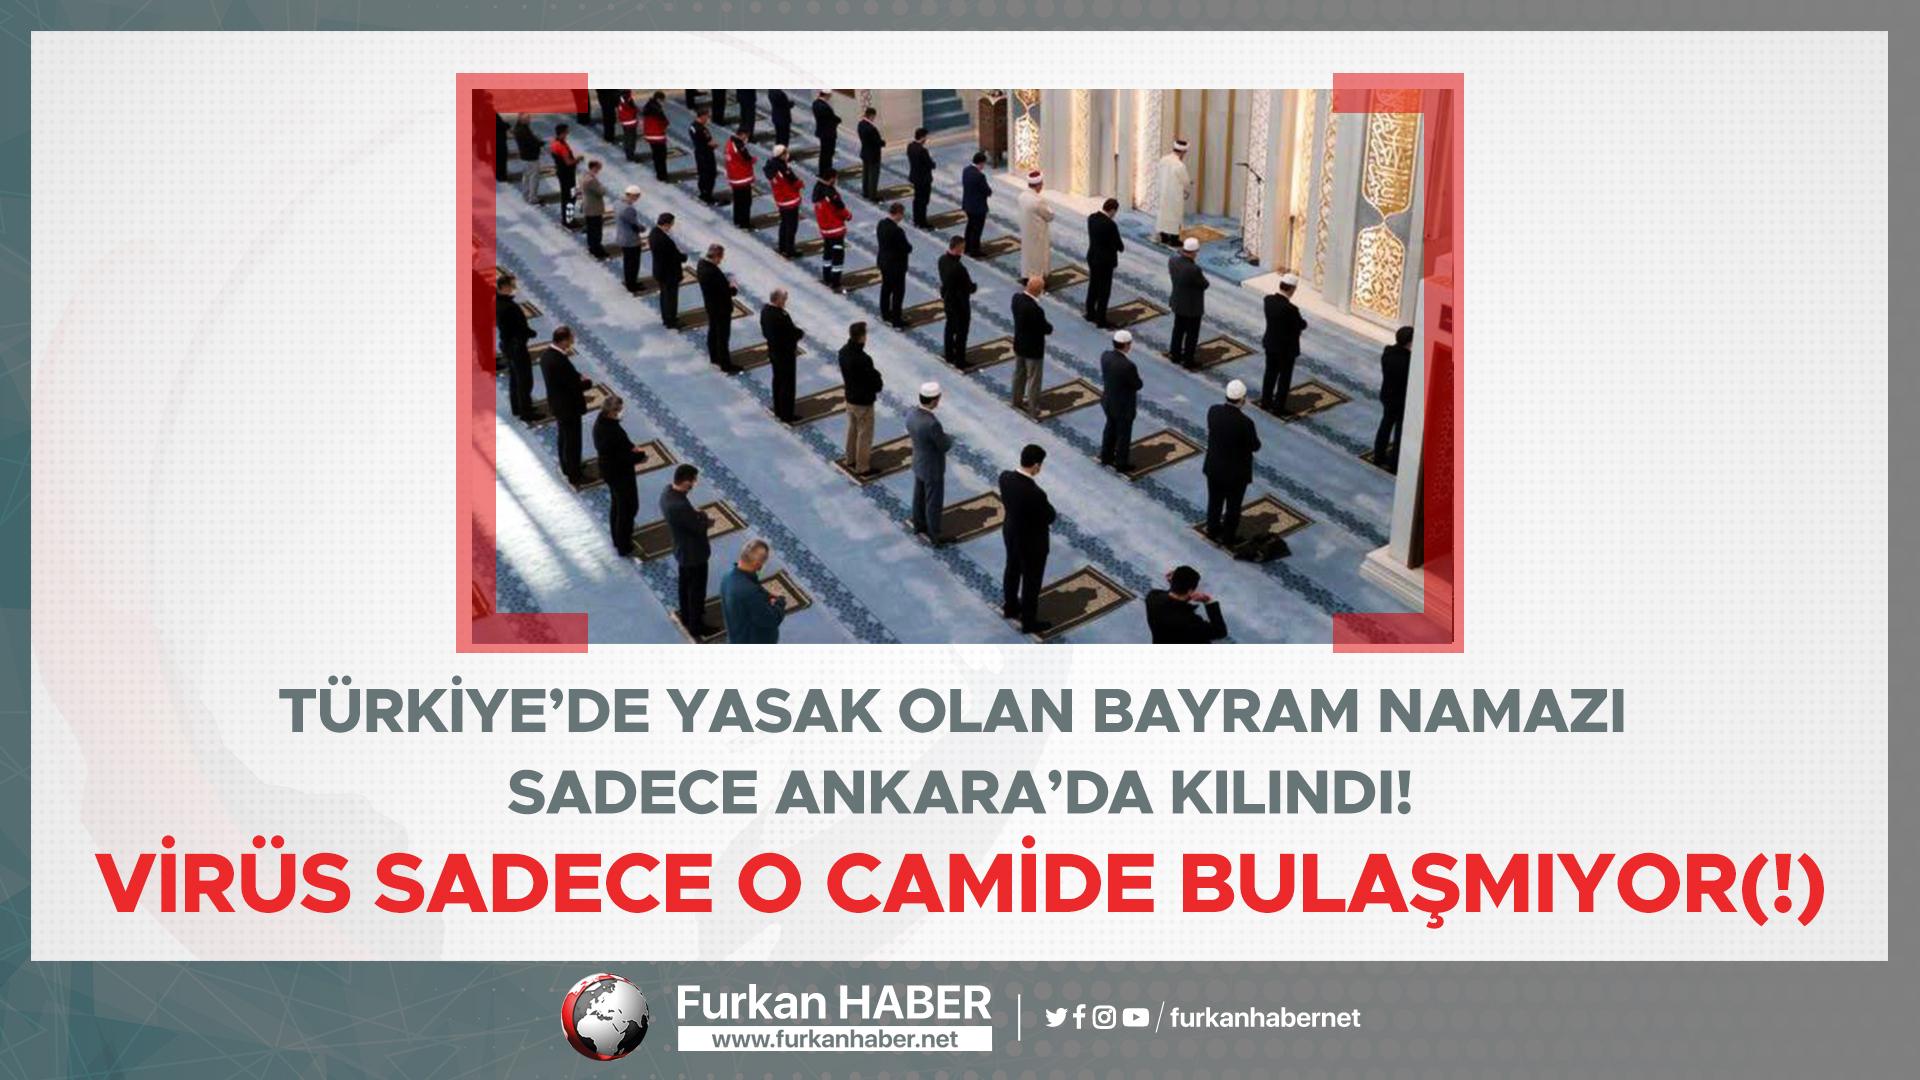 Türkiye'de yasak olan Bayram namazı sadece Ankara'da kılındı!